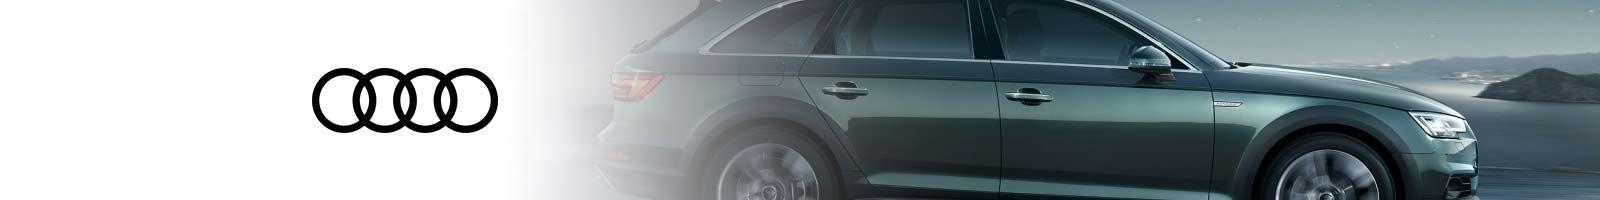 concession Audi arlon neufchateau